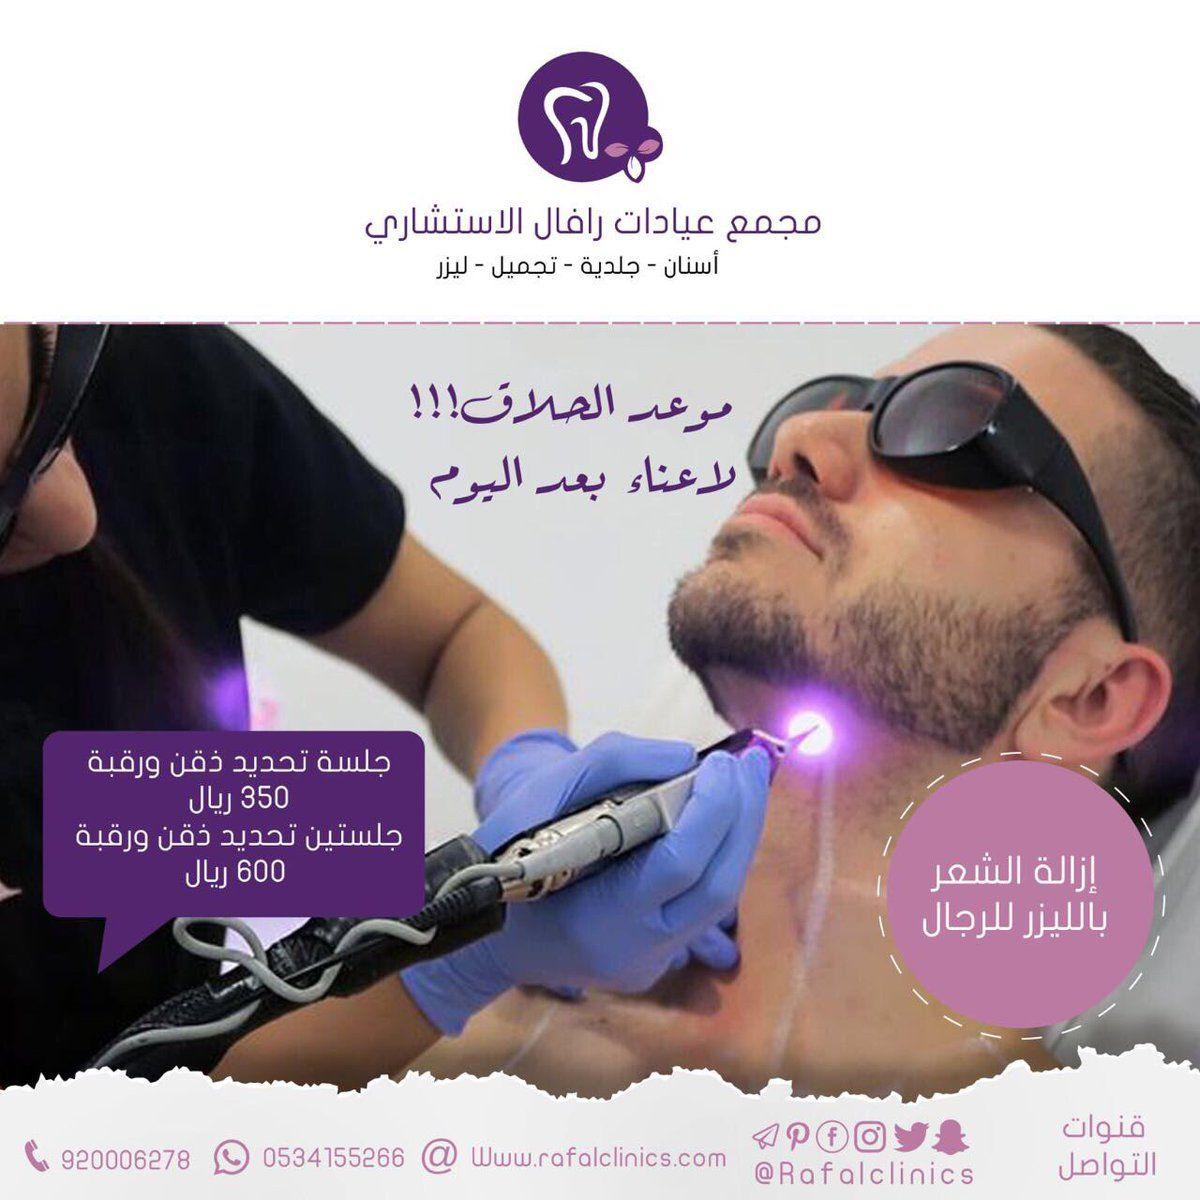 عيادات رافال ازالة الشعر بالليزر للرجال Insta Photo Ideas Mirrored Sunglasses Men Social Media Design